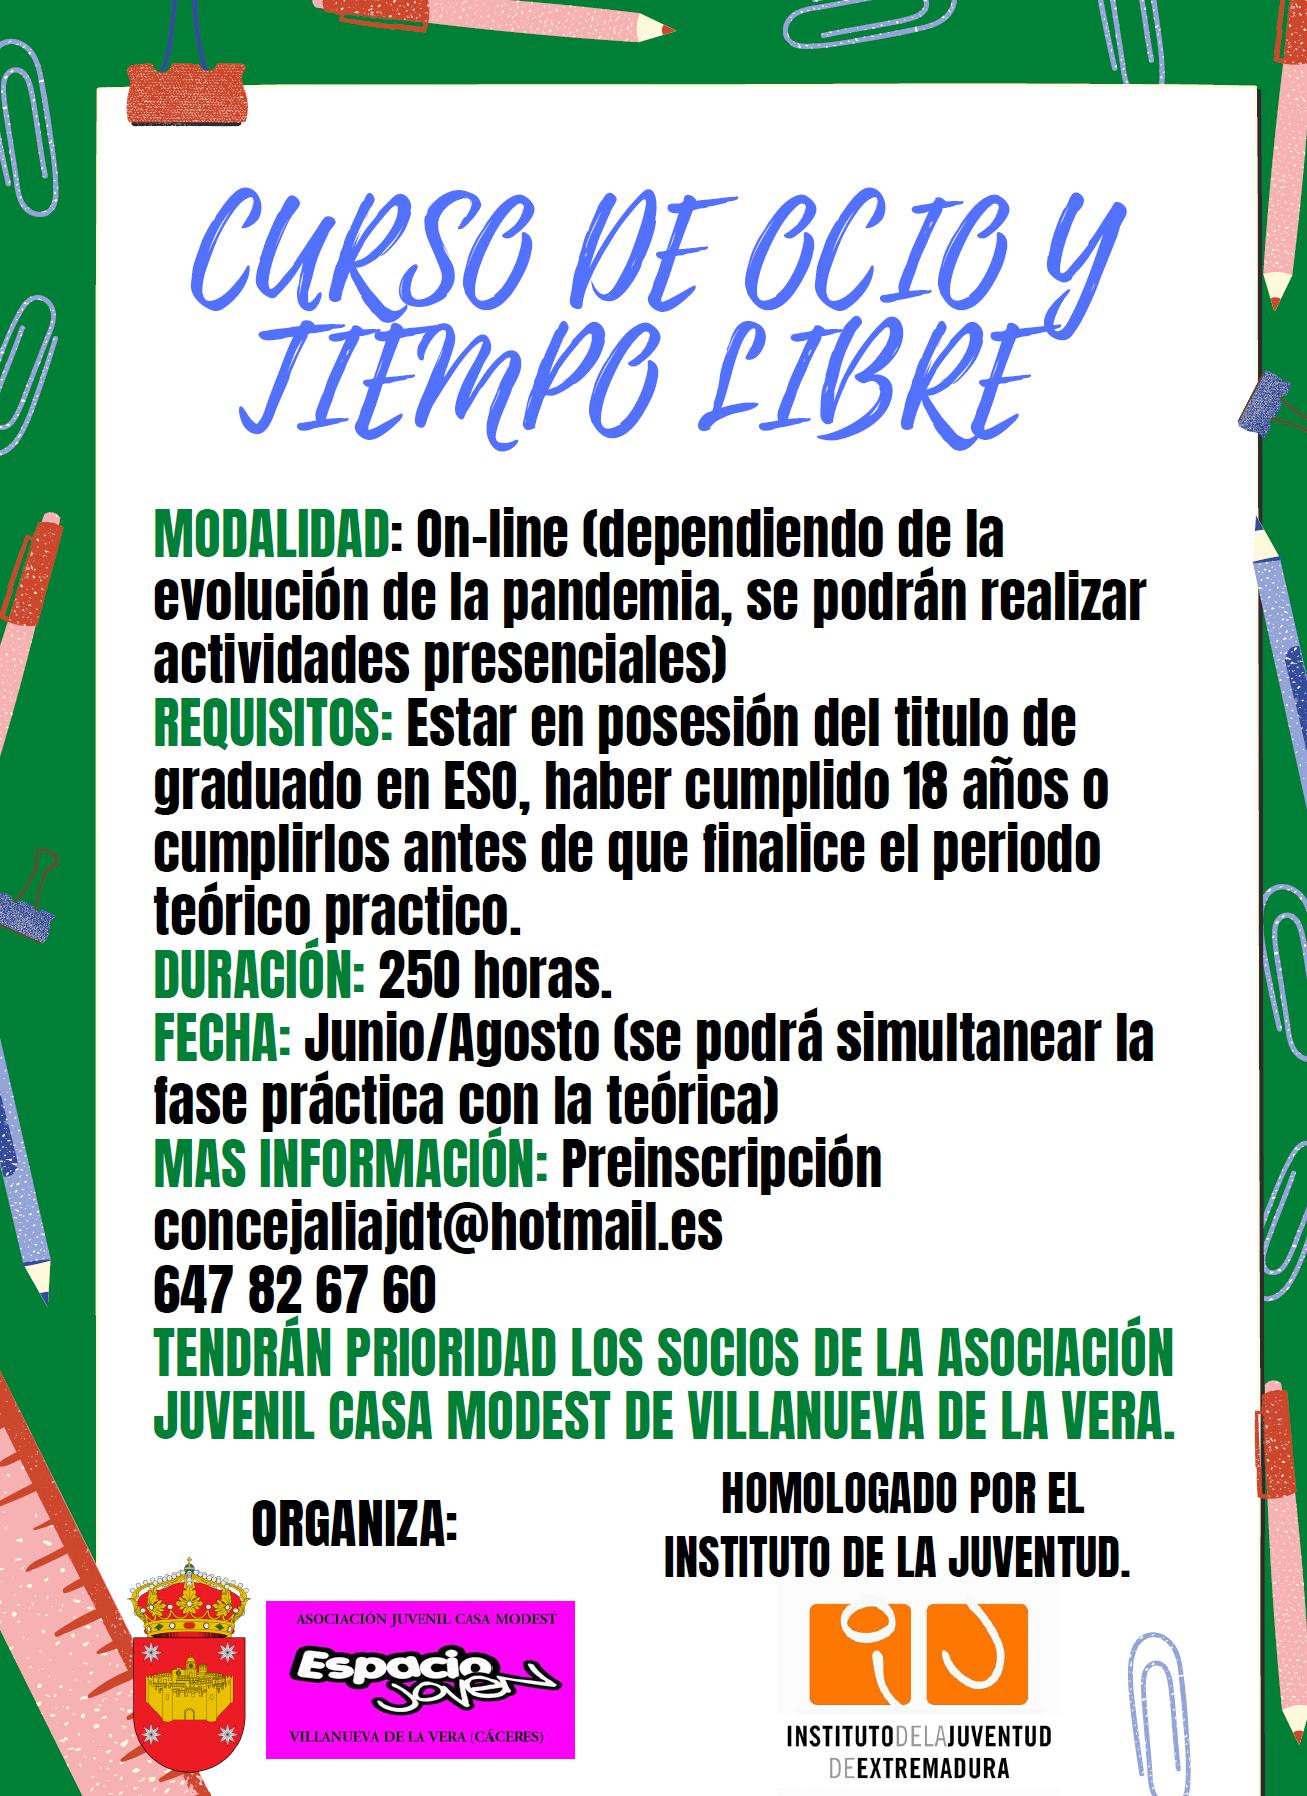 Curso de ocio y tiempo libre (2021) - Villanueva de la Vera (Cáceres)